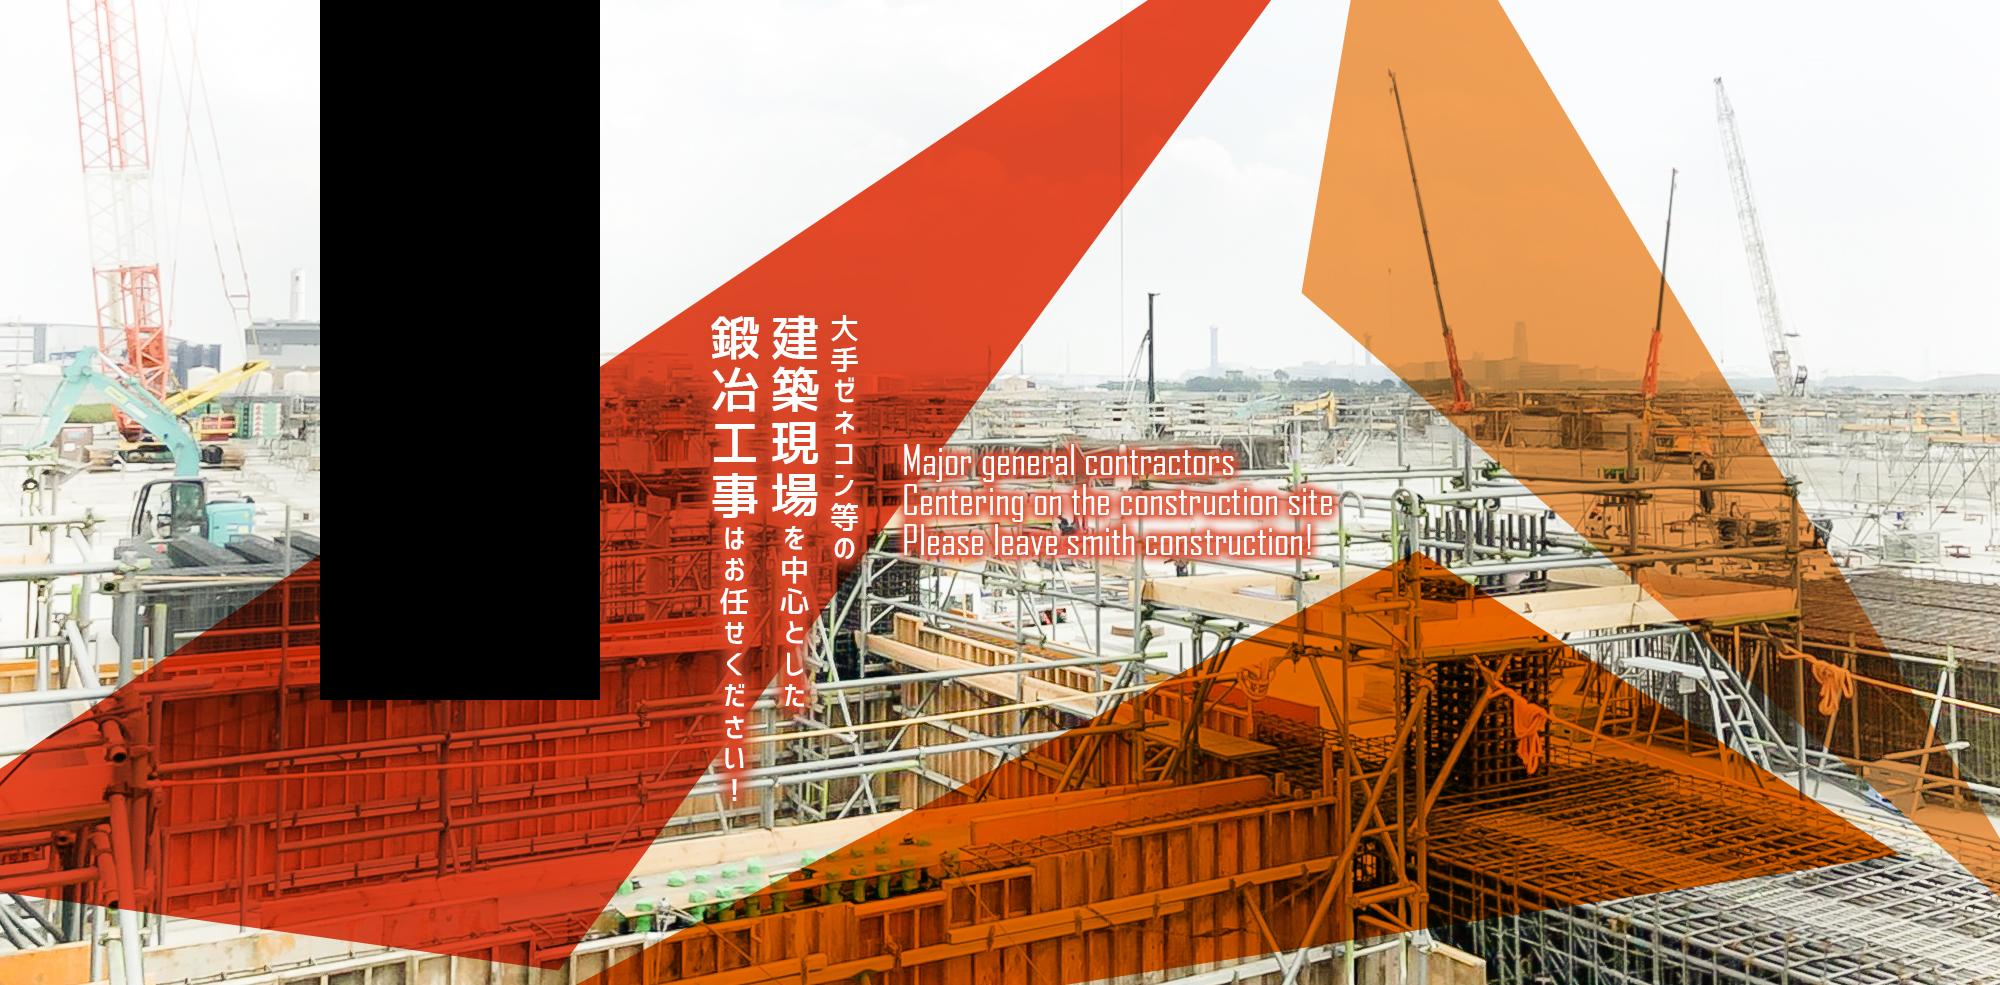 大手ゼネコン等の建築現場を中心とした鍛冶工事は長井工業へ!